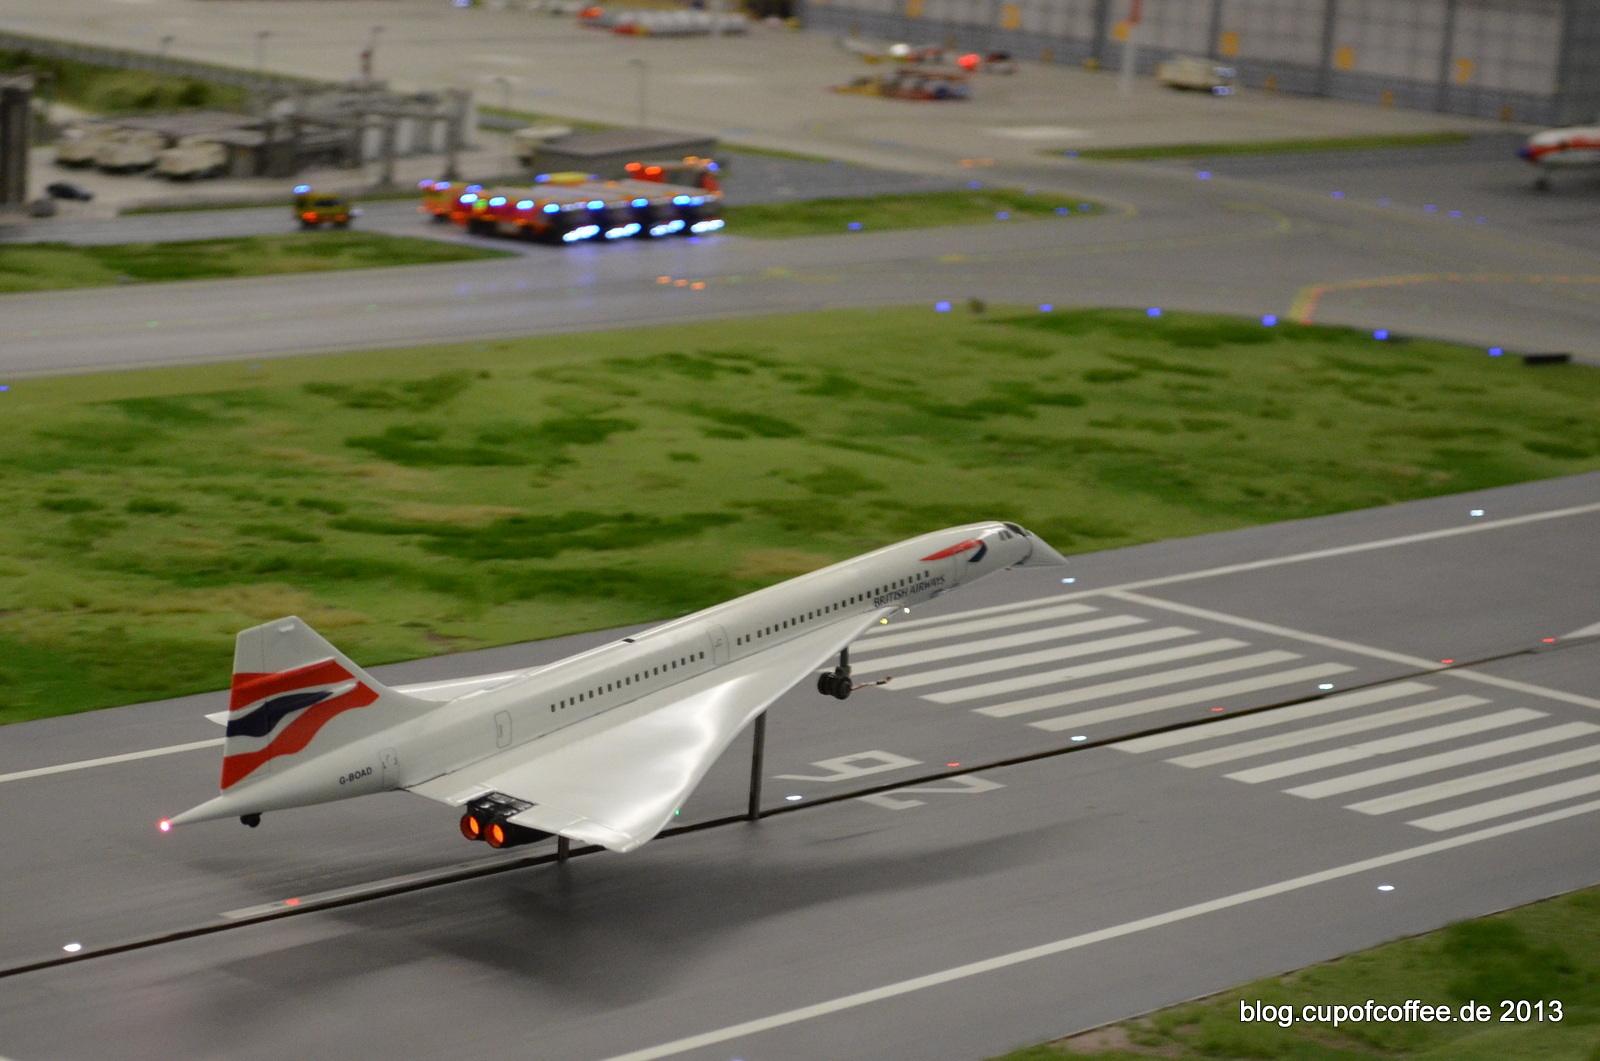 Schlank, elegant und laut: Schön, dass es die Concorde in die MiWuLa-Flotte geschafft hat.